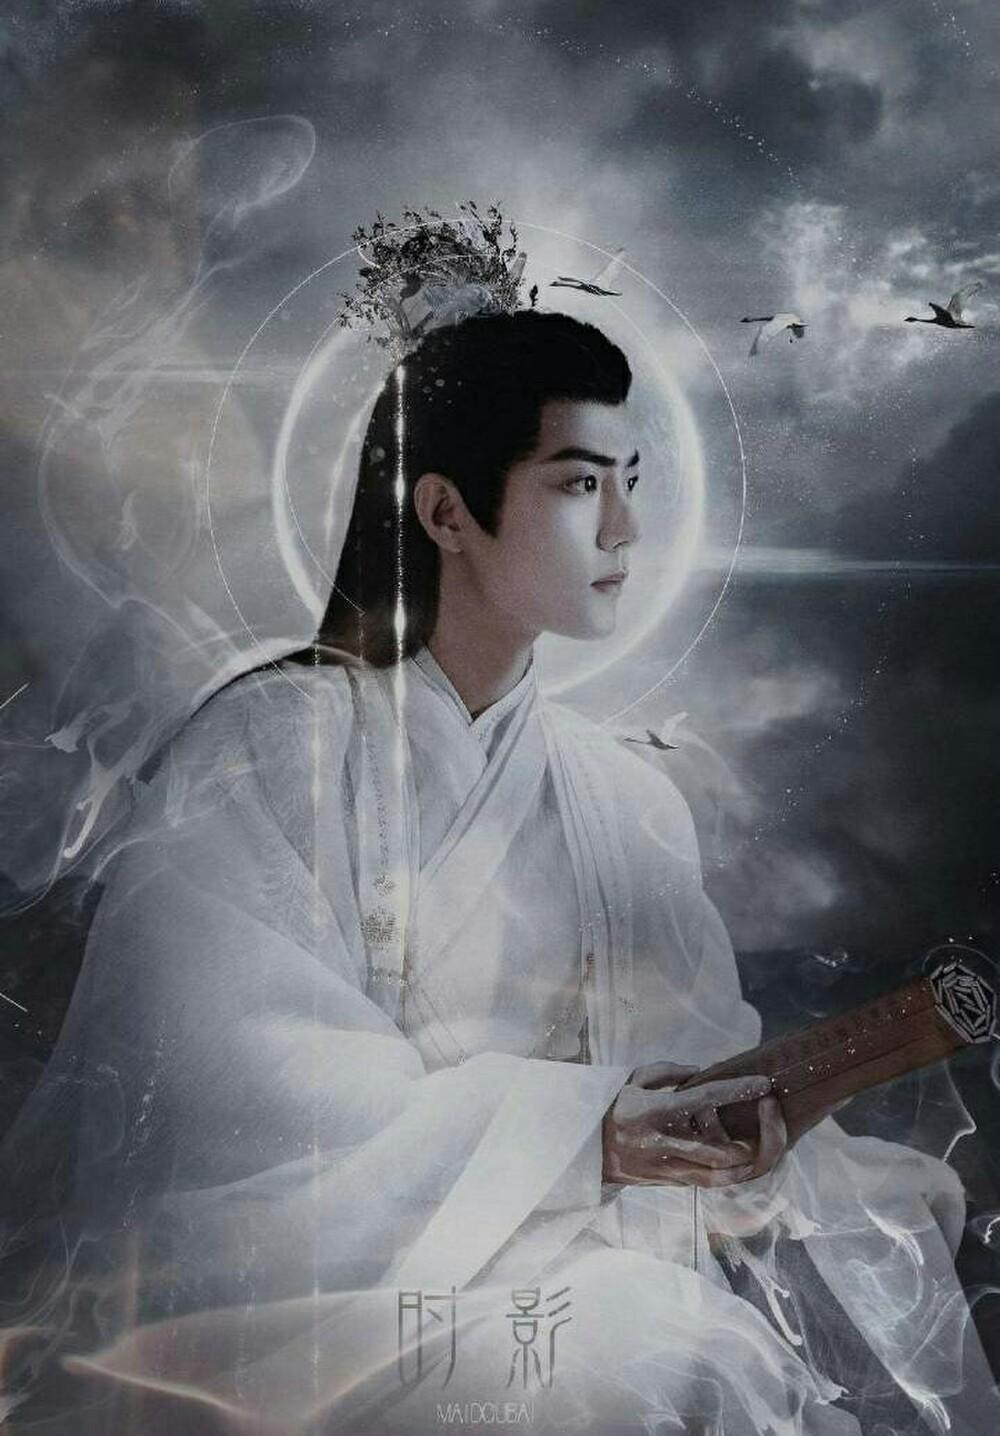 'Cơm lành canh ngọt' với Dương Tử nhưng thái độ của Tiêu Chiến khác hẳn khi đối diện với Nhậm Mẫn? Ảnh 2